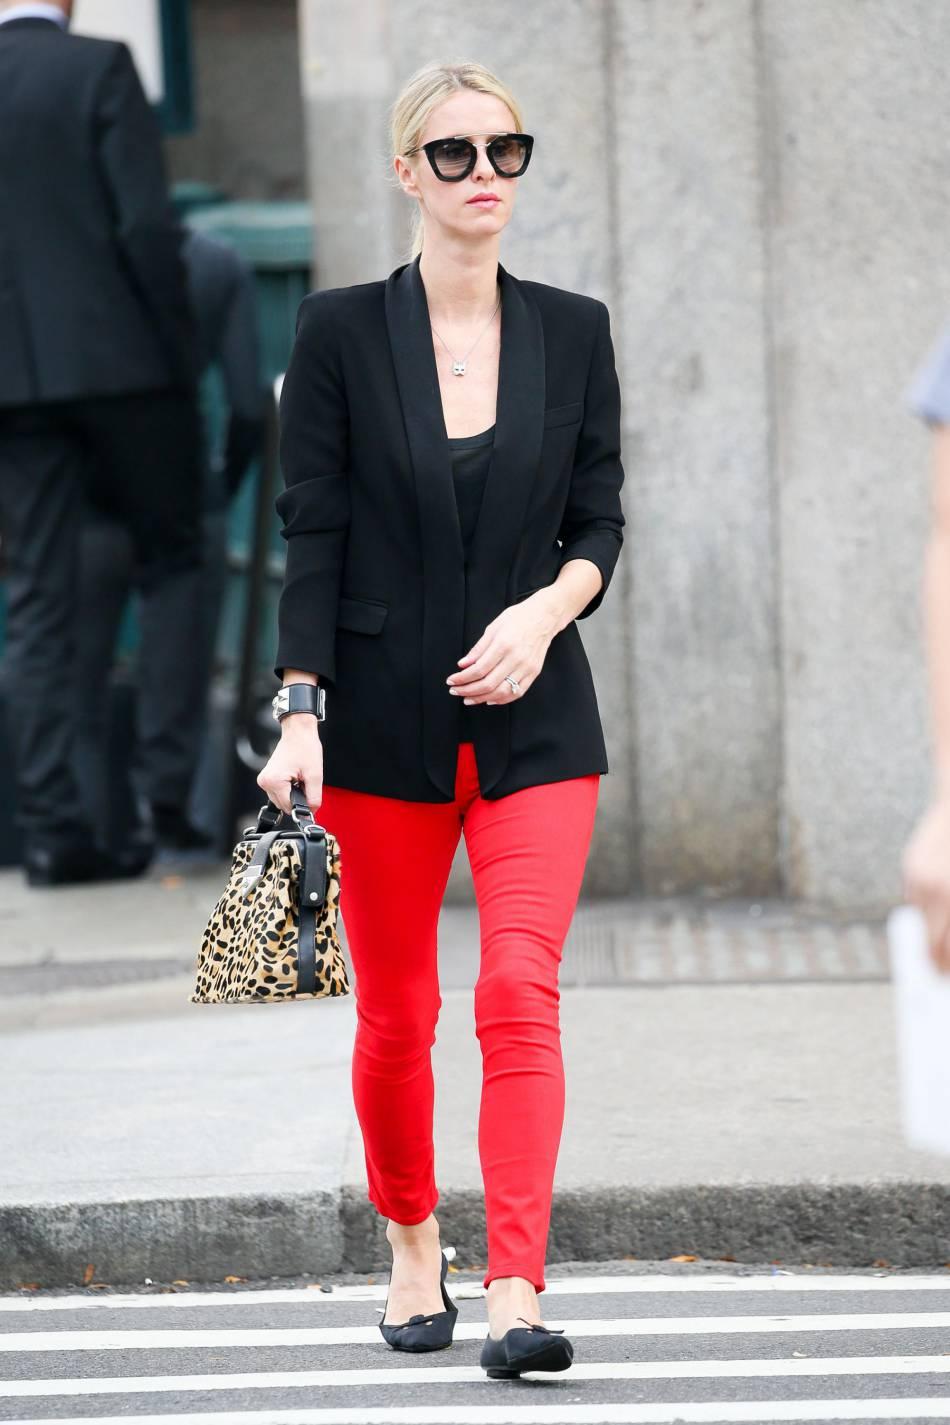 Nicky Hilton en rouge et noir dans les rues de New York ce vendredi 6 novembre